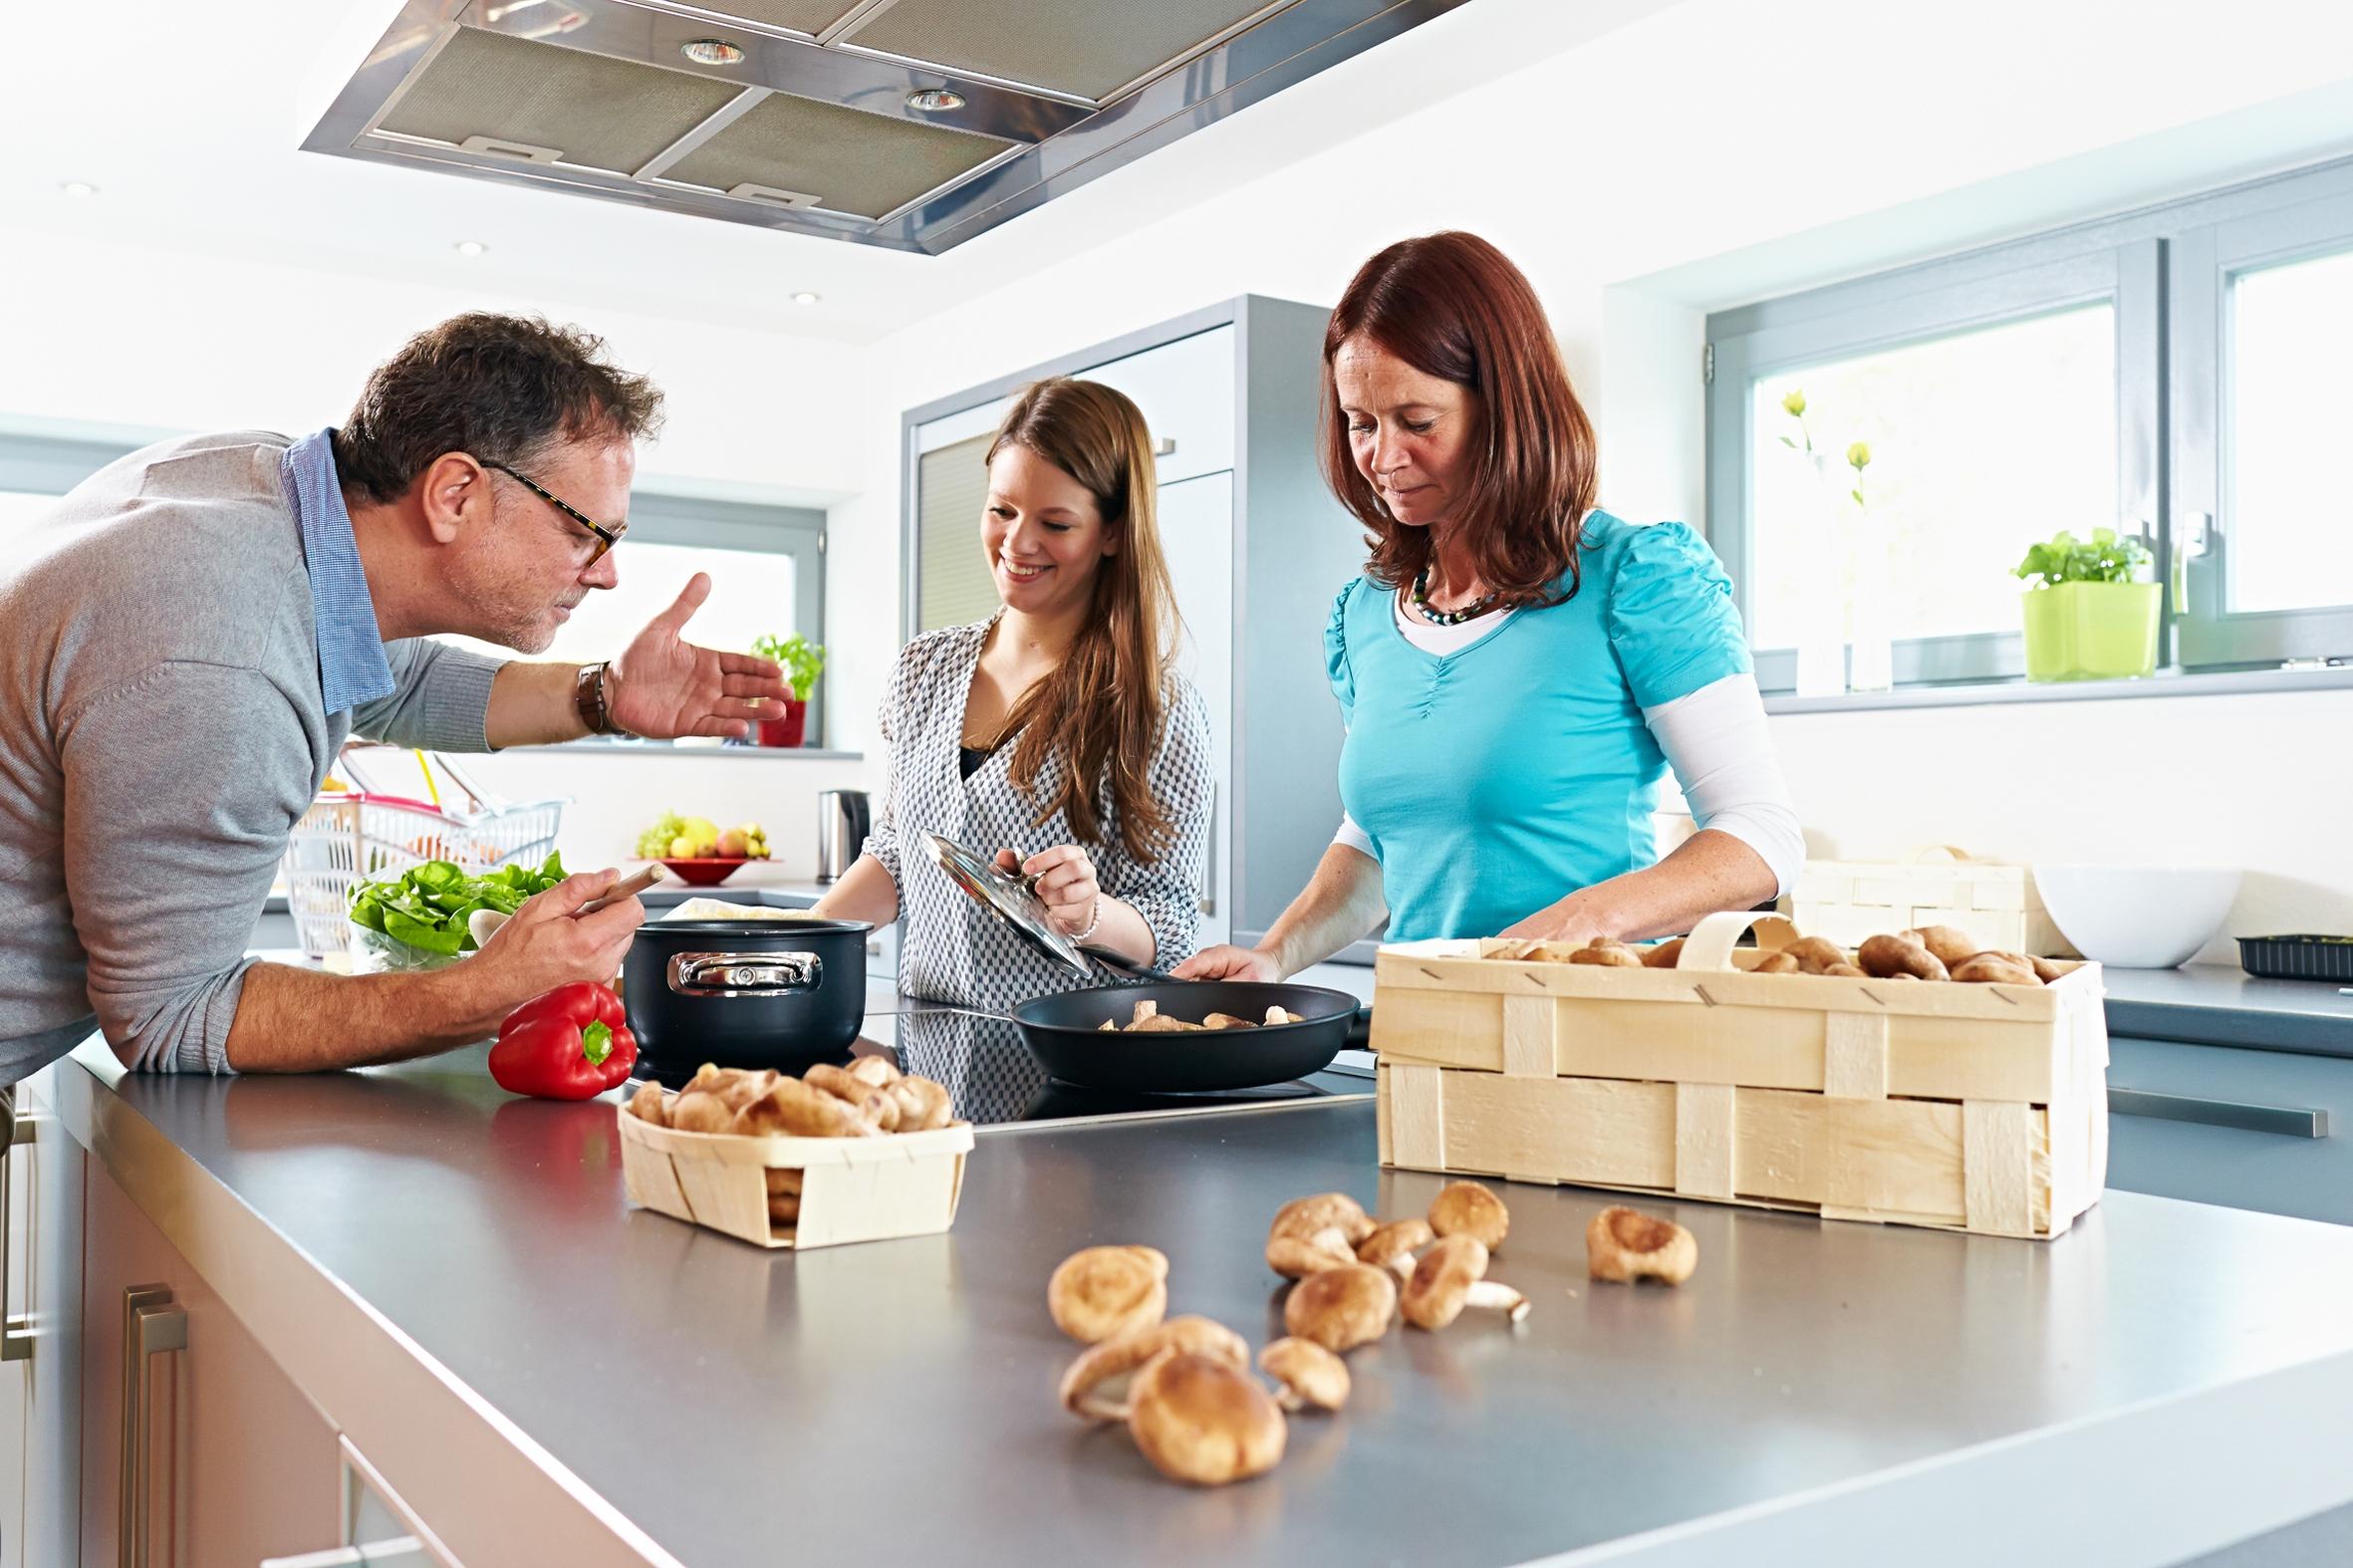 Fleisch oder Pilze? Ein Vergleich der Inhaltsstoffe